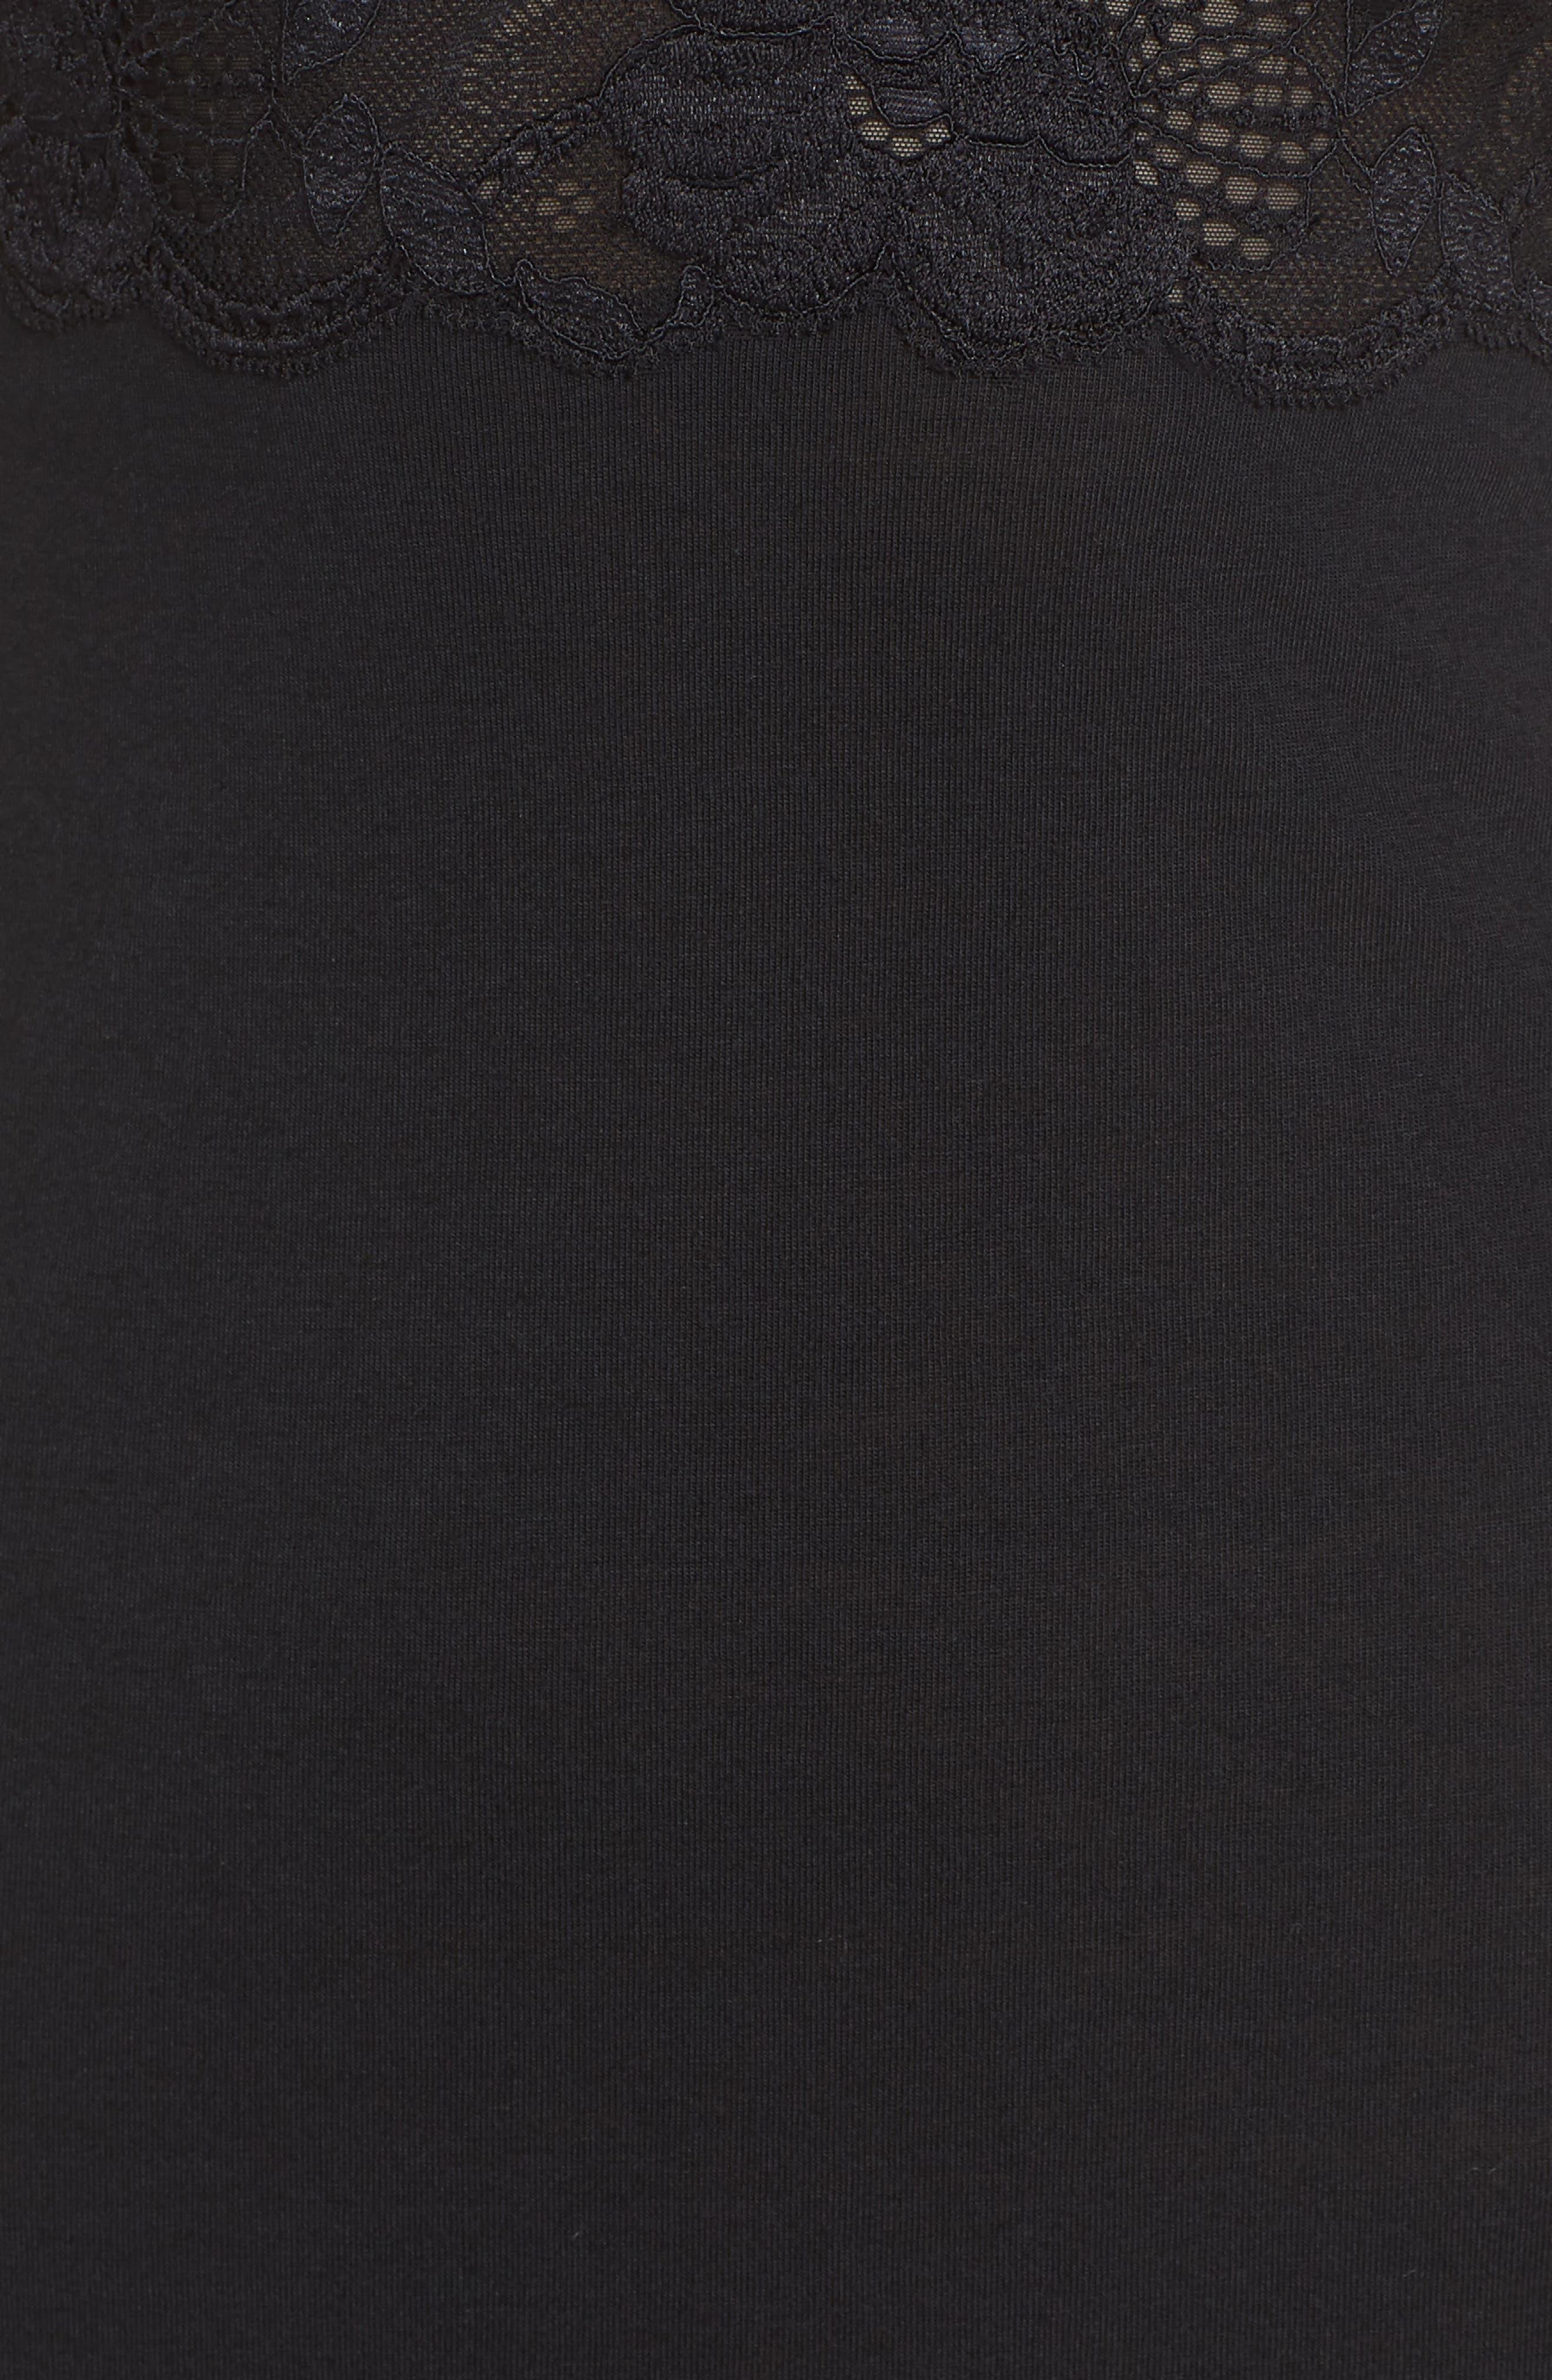 'Zen Floral' Chemise,                             Alternate thumbnail 6, color,                             BLACK